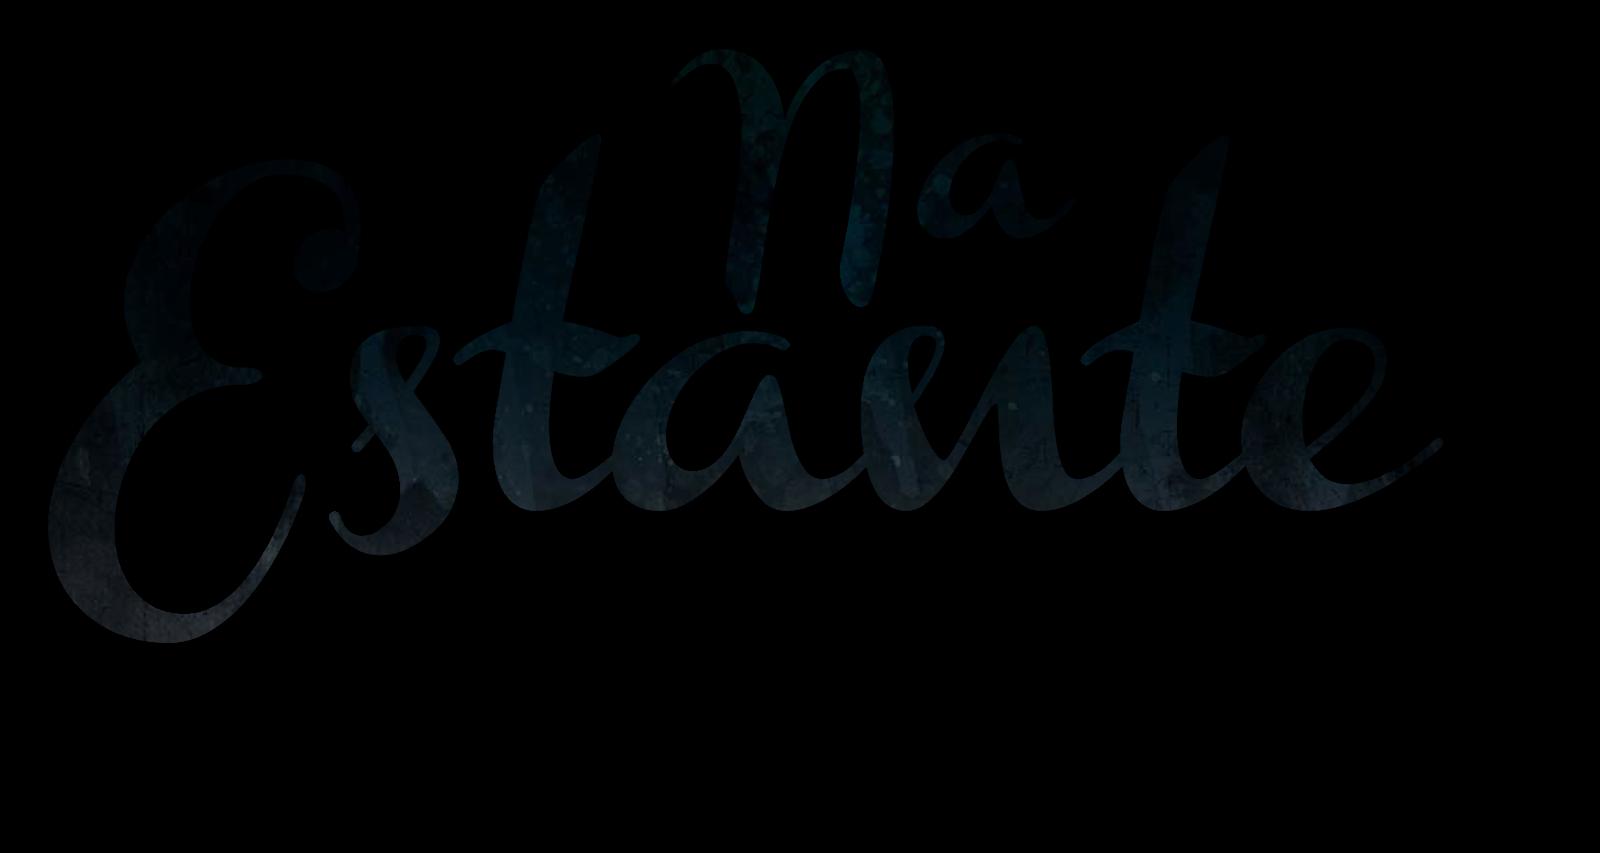 Bazar do blog!